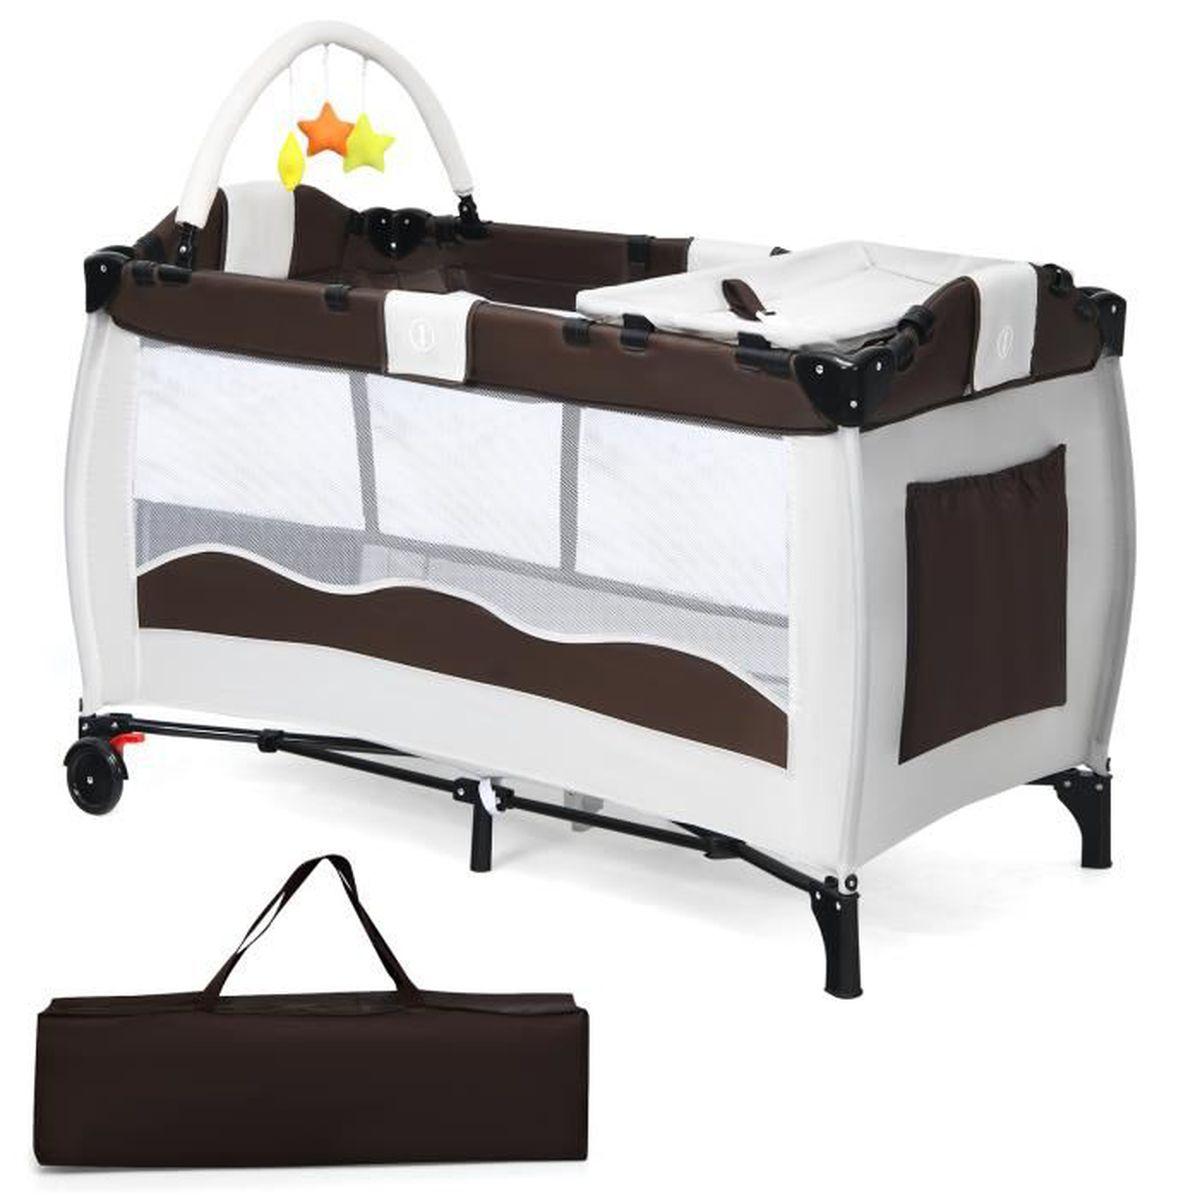 lit b b pliant avec des accessoires lit de voyage caf achat vente lit b b 6933315540876. Black Bedroom Furniture Sets. Home Design Ideas